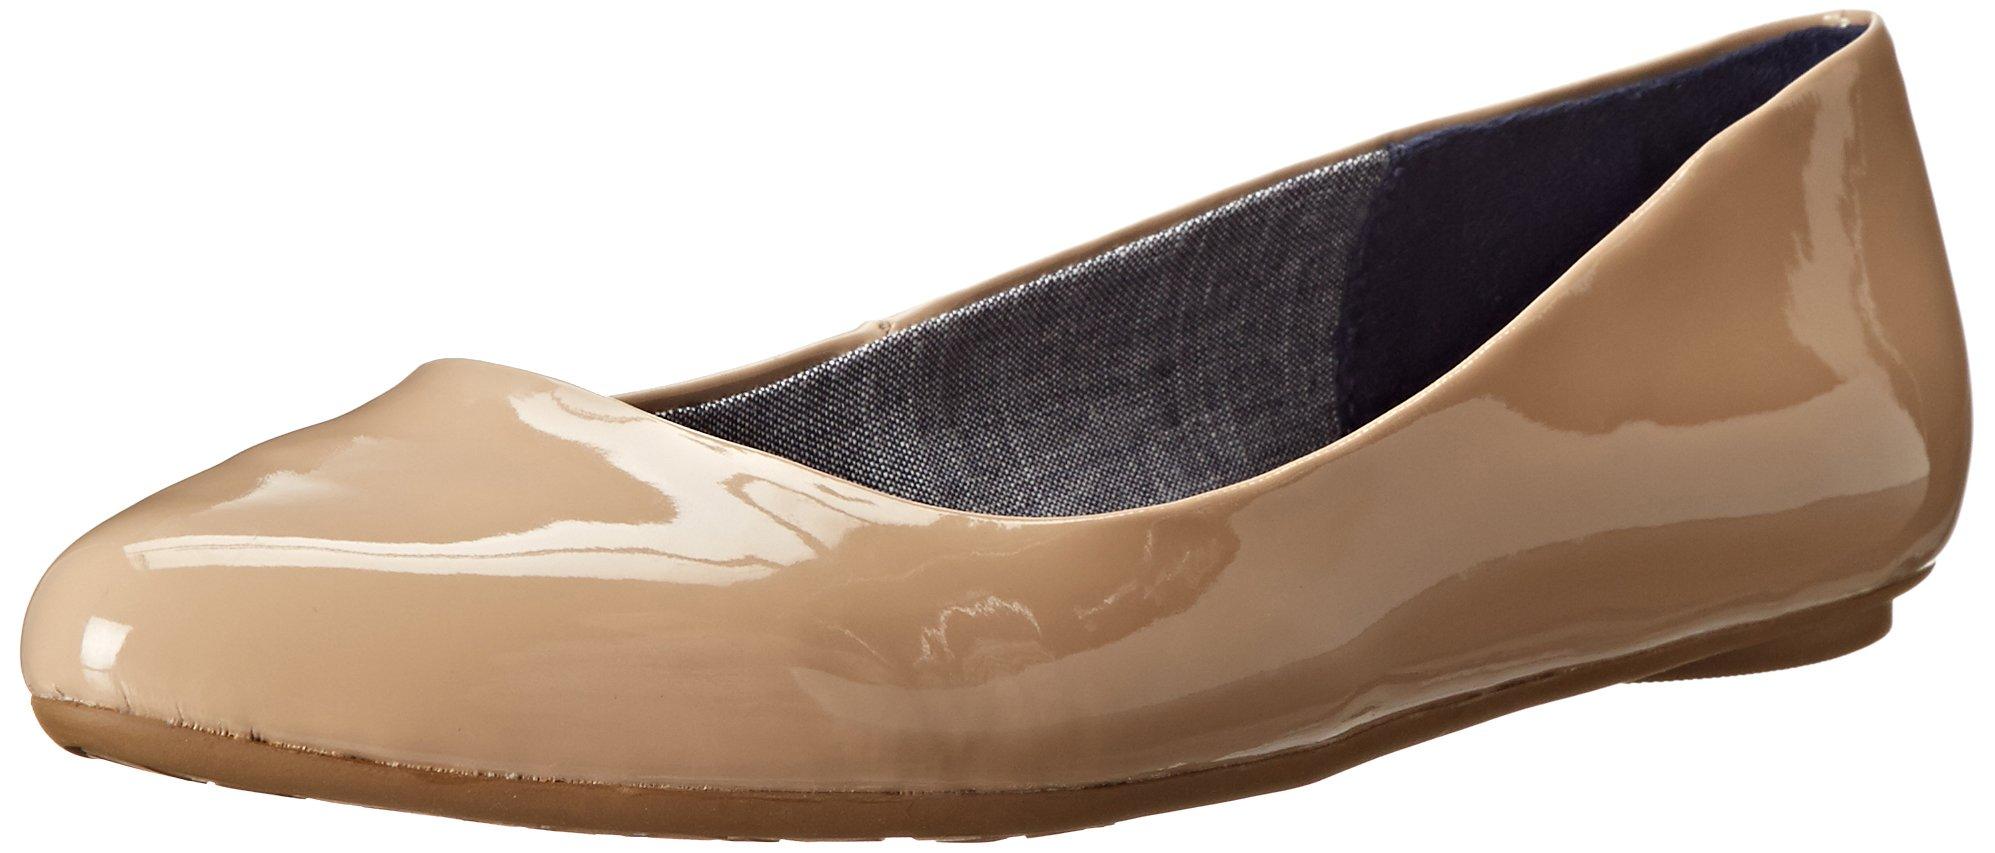 Dr. Scholl's Women's Sand Patent Flat  Shoes - 9 C/D US